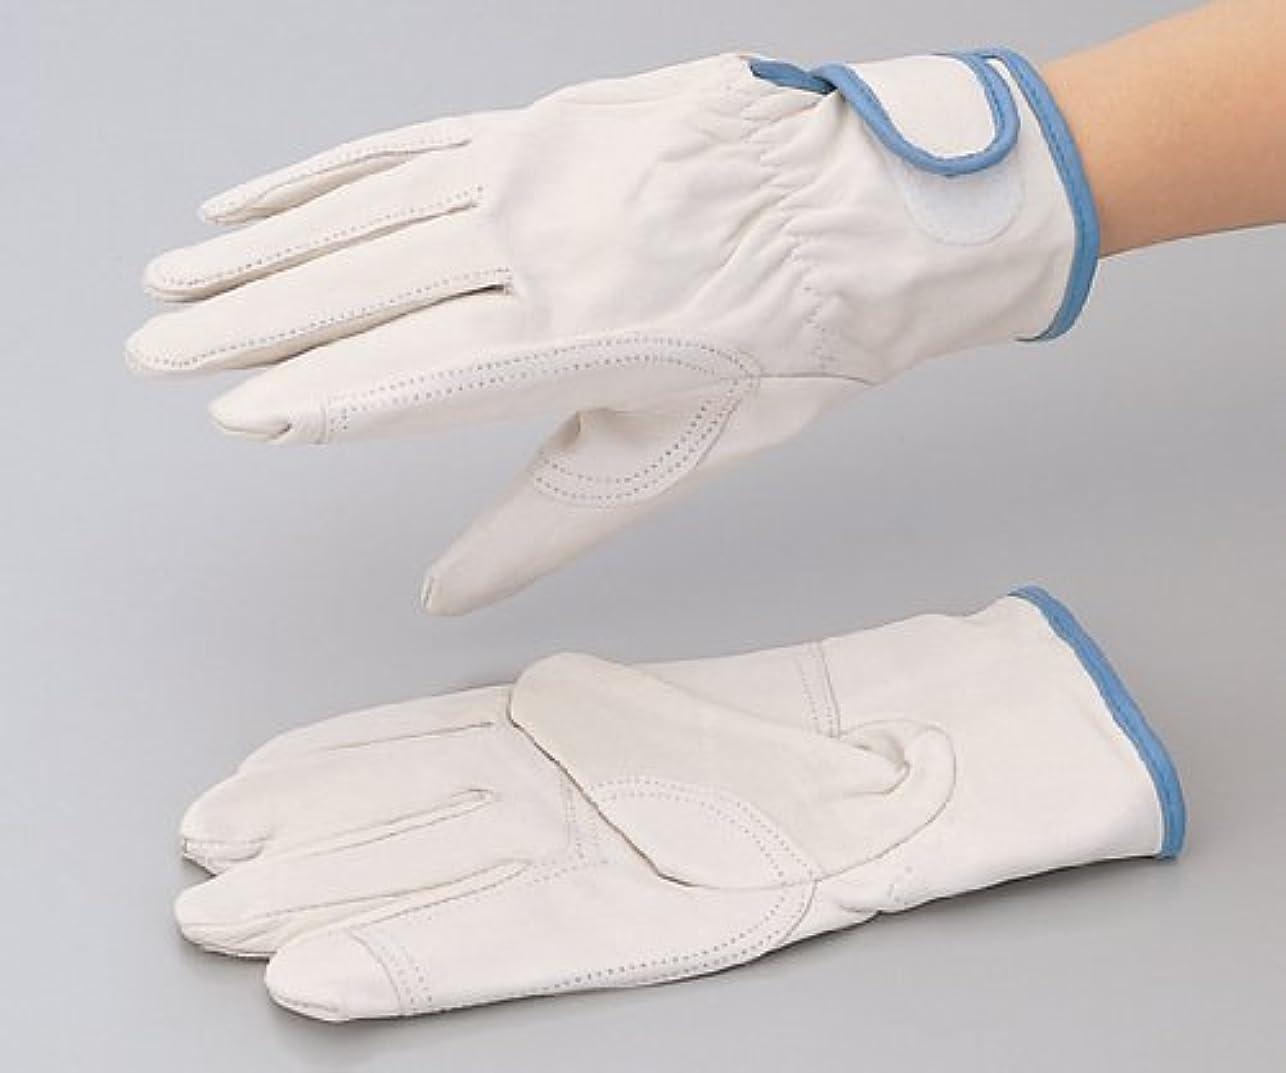 帝国主義ディレクター湿地レスキュータイプ皮手袋 200YP M